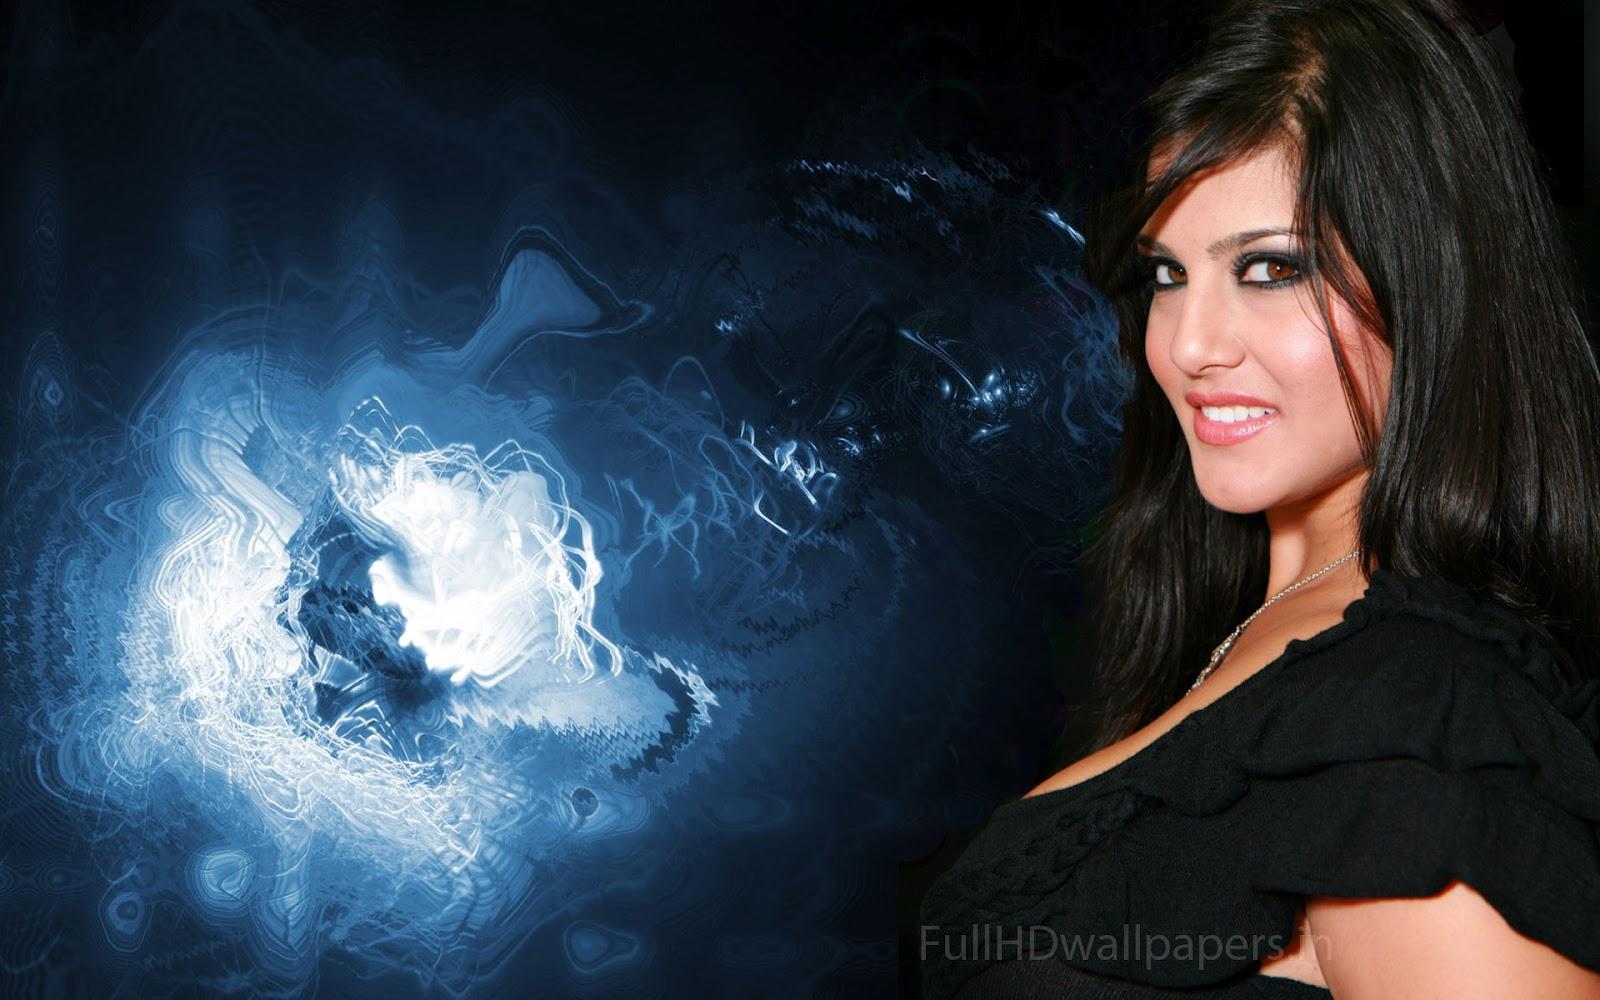 Фото санни леон, Sunny Leone - все эротические фото модели 4 фотография